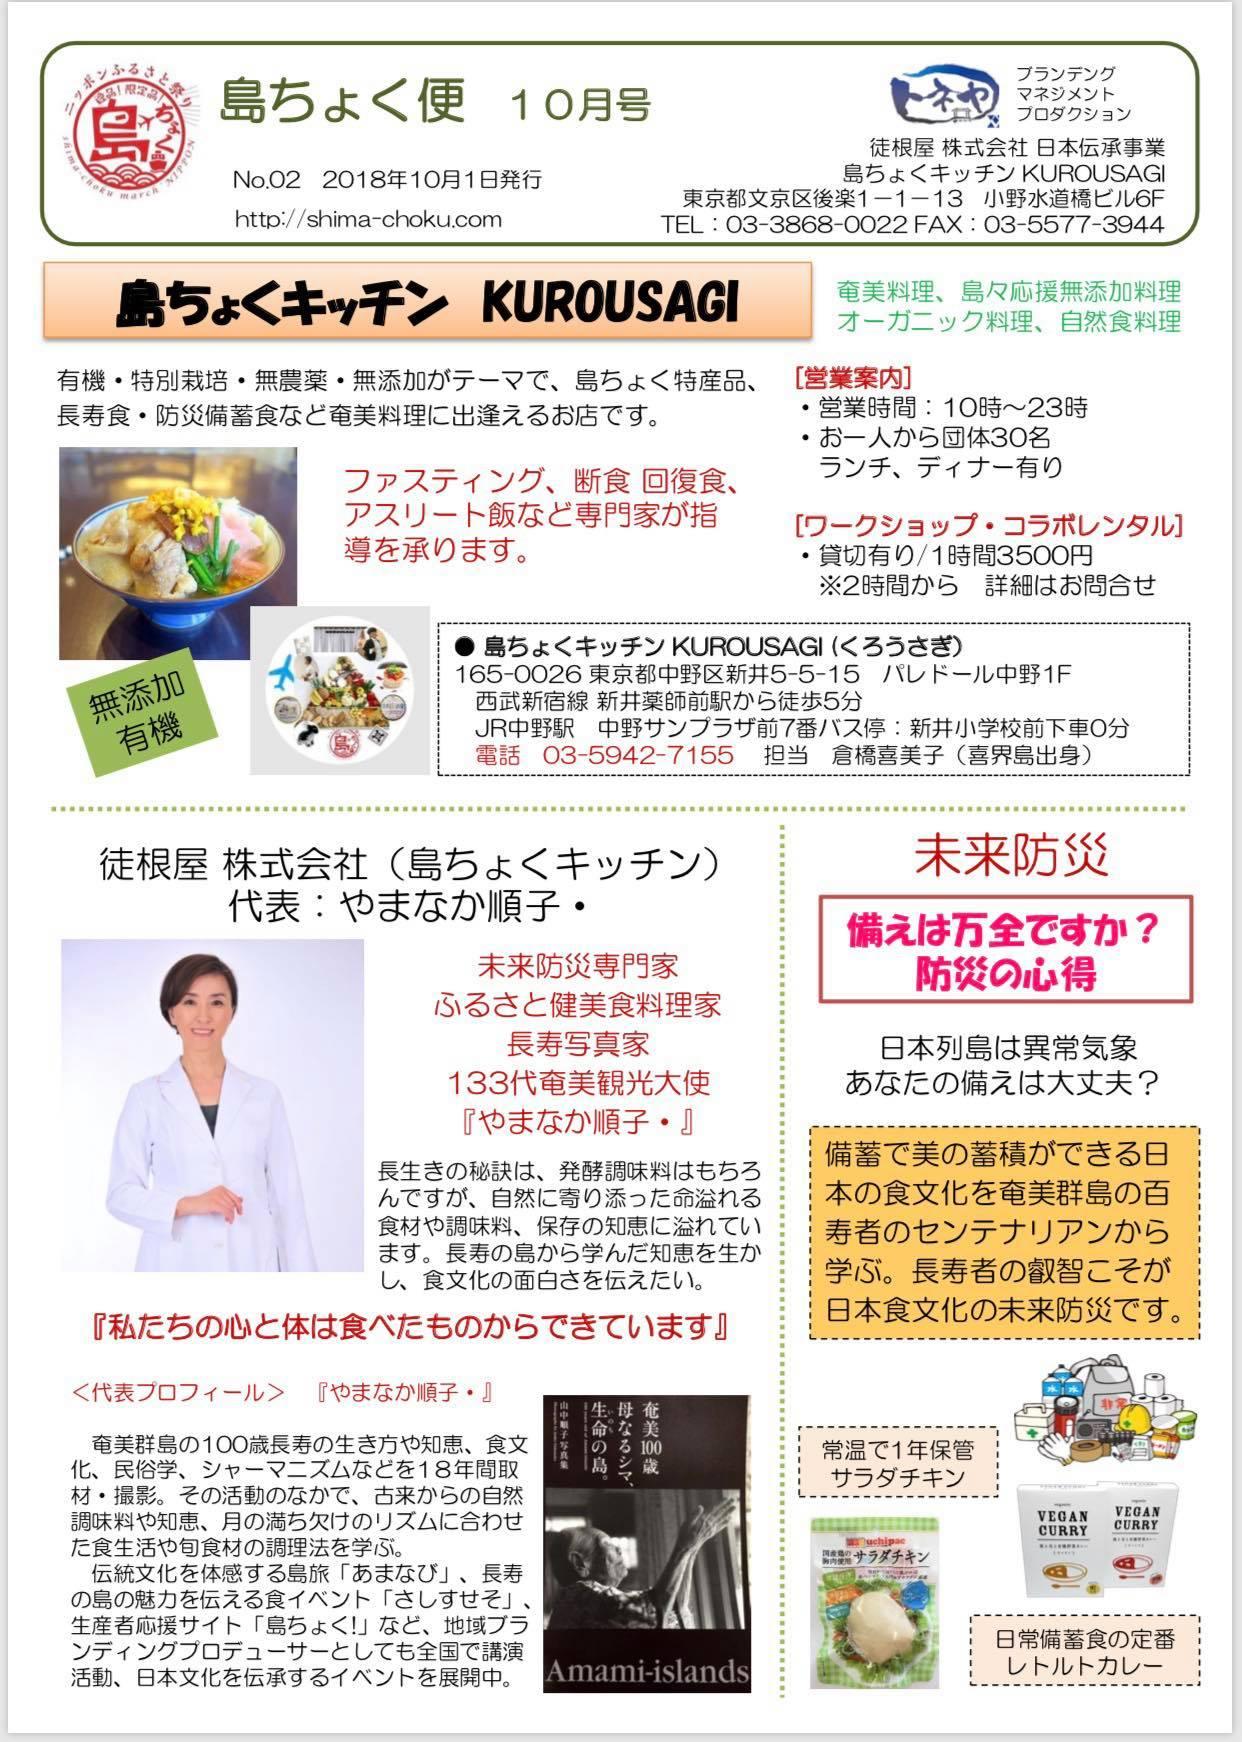 https://shima-choku.com/articles/images/201810a.jpg